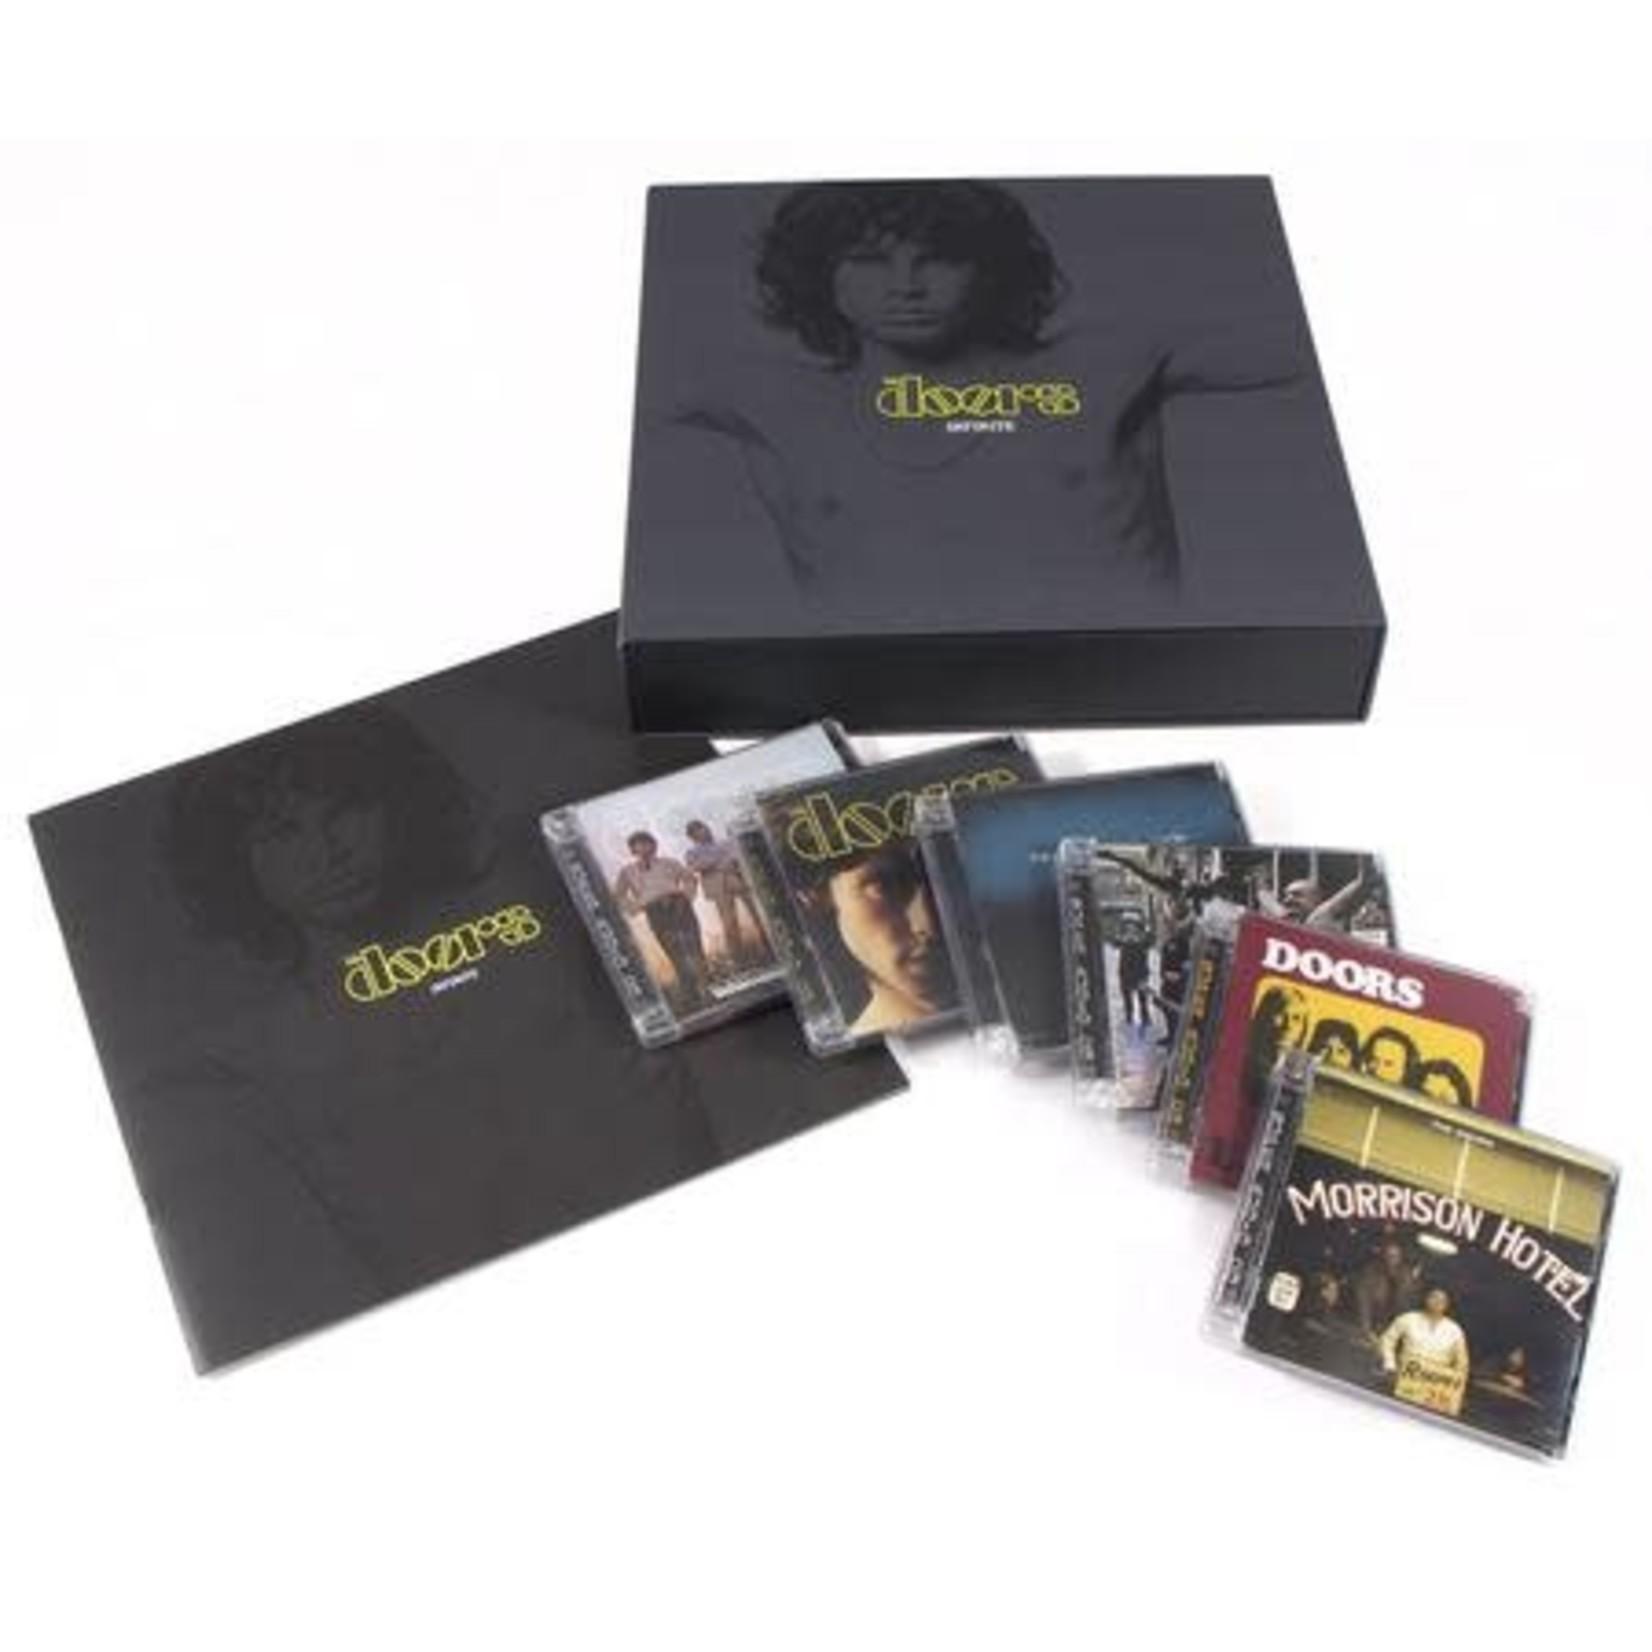 Compact Disc The Doors - Infinite - 6 SACD Box Set